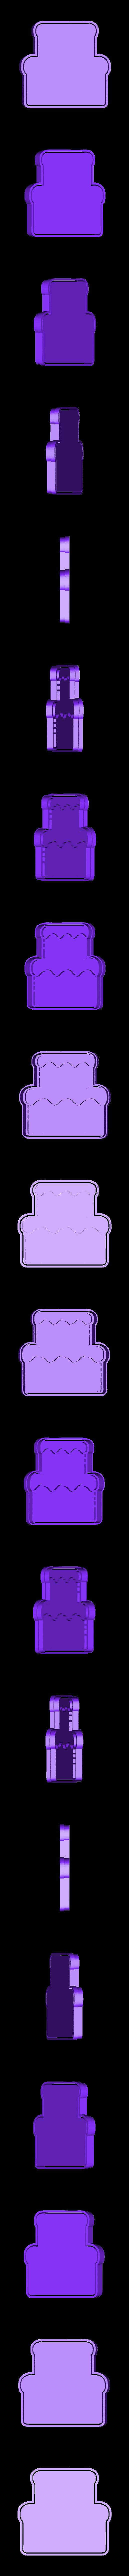 PASTEL1.STL Télécharger fichier STL gratuit JEU DE 7 EMPORTE-PIÈCES POUR LES ANNIVERSAIRES • Modèle pour impression 3D, icepro10